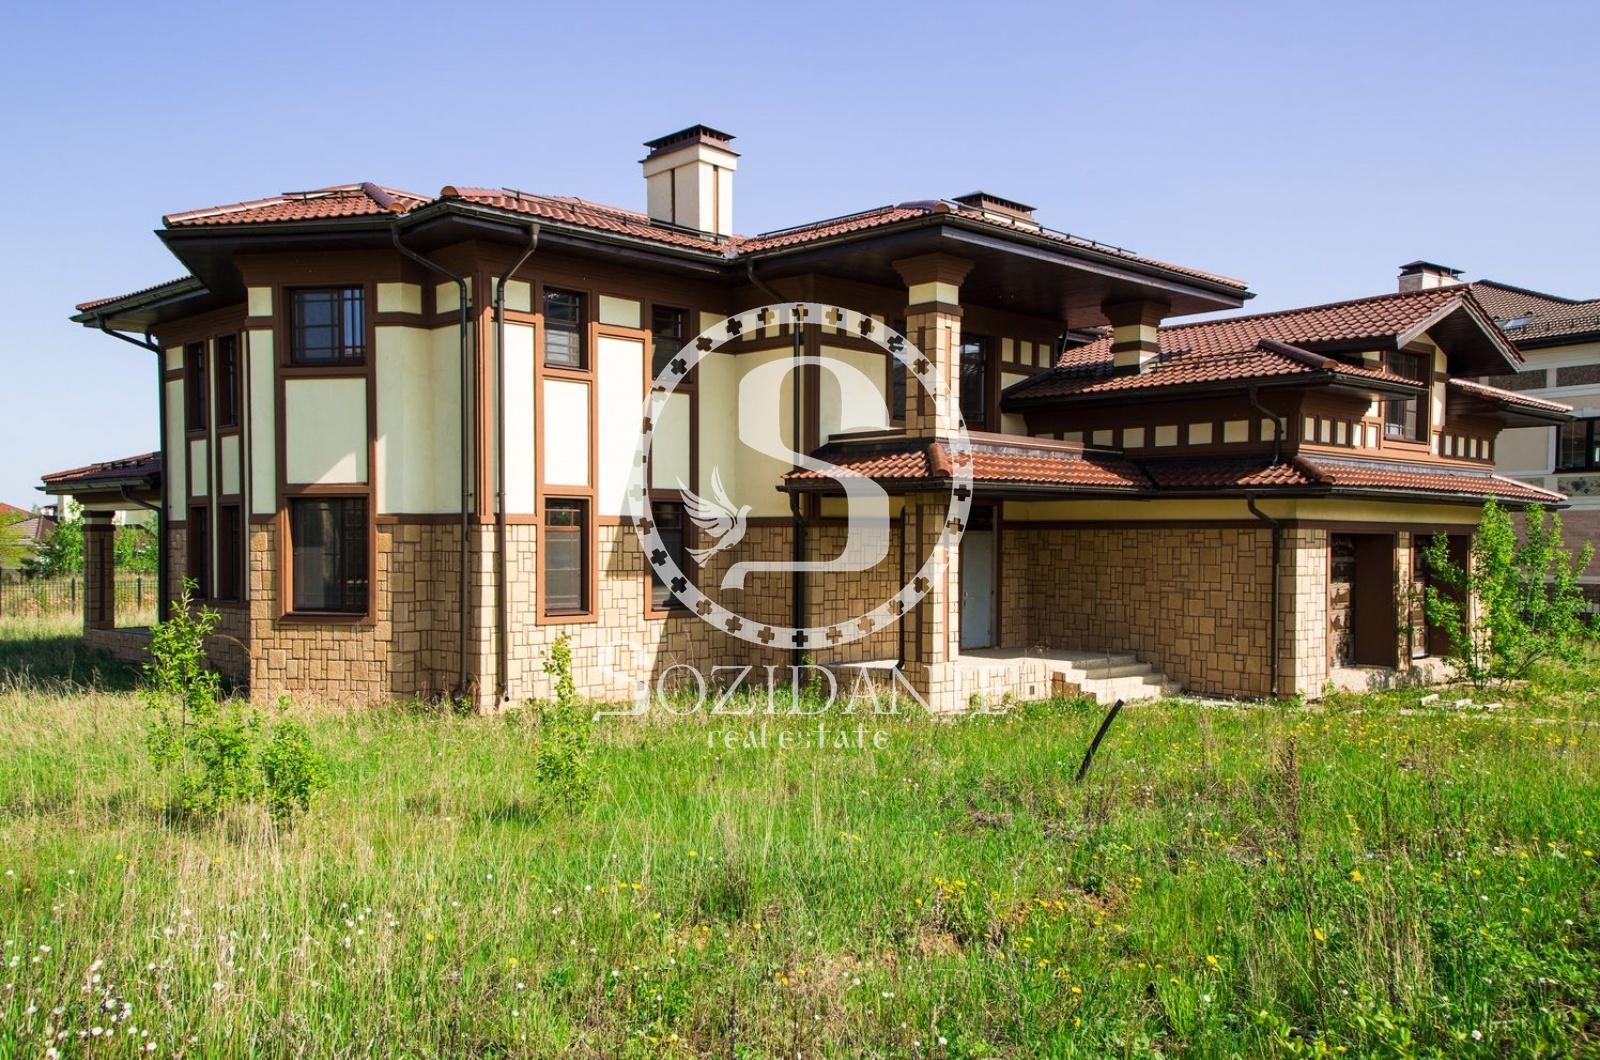 4 Bedrooms, Загородная, Продажа, Listing ID 1488, Московская область, Россия,